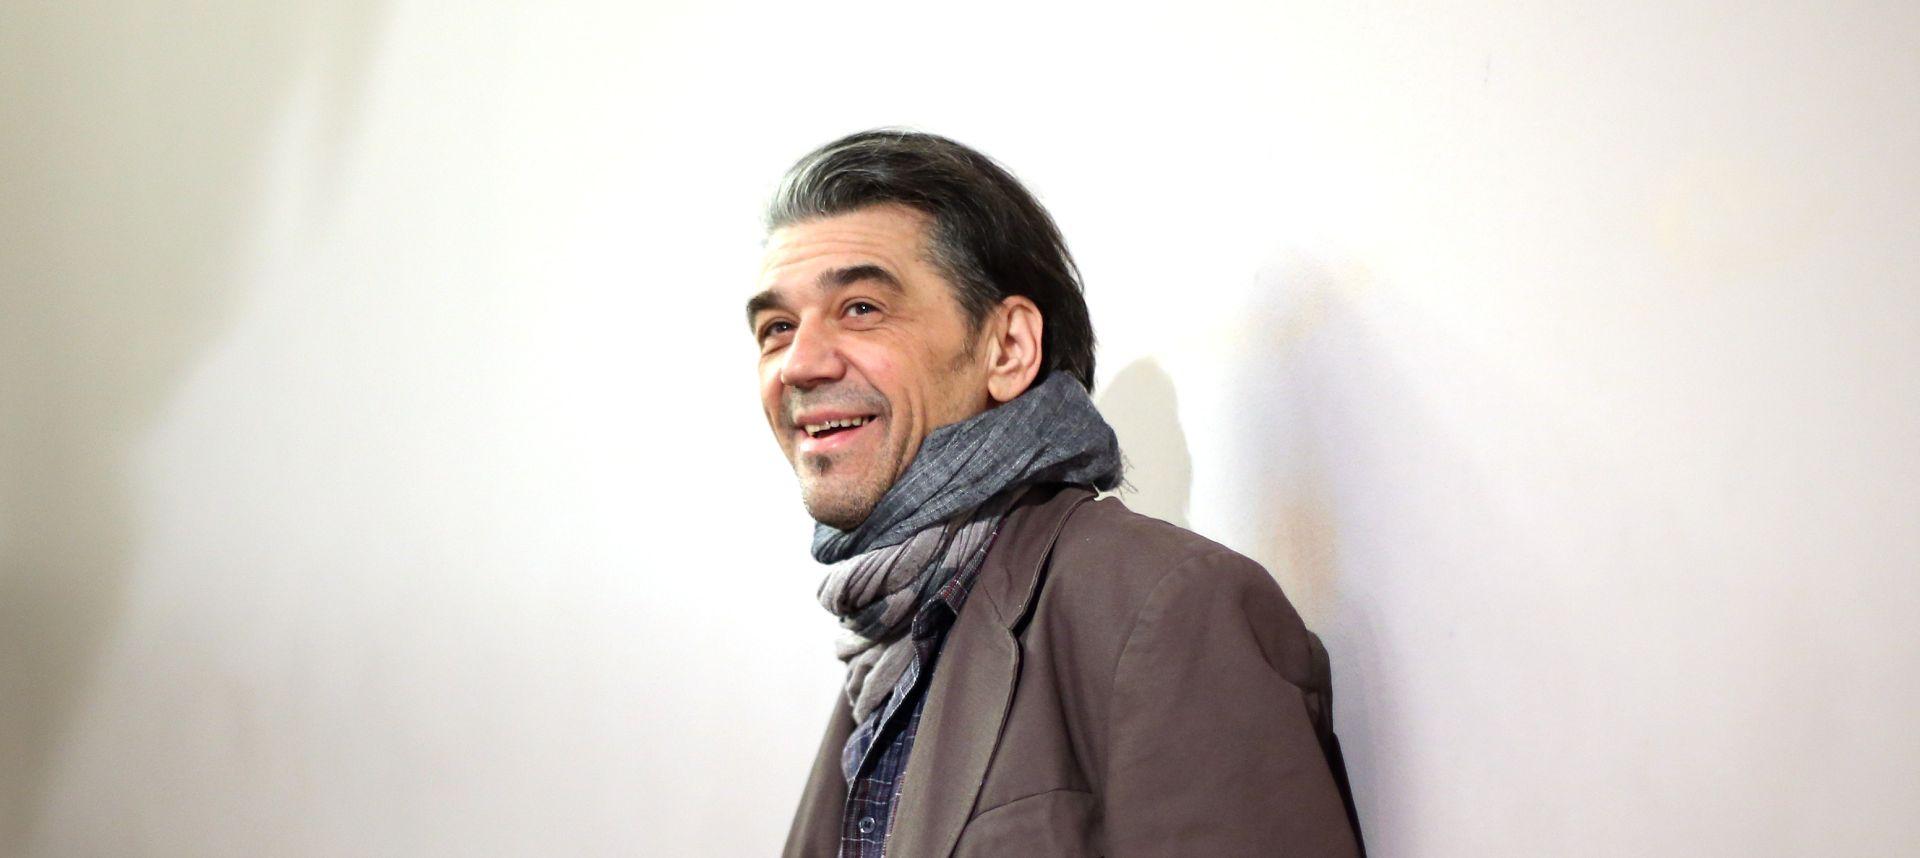 'Sam samcat' Bobe Jelčića otvorio mostarski festival